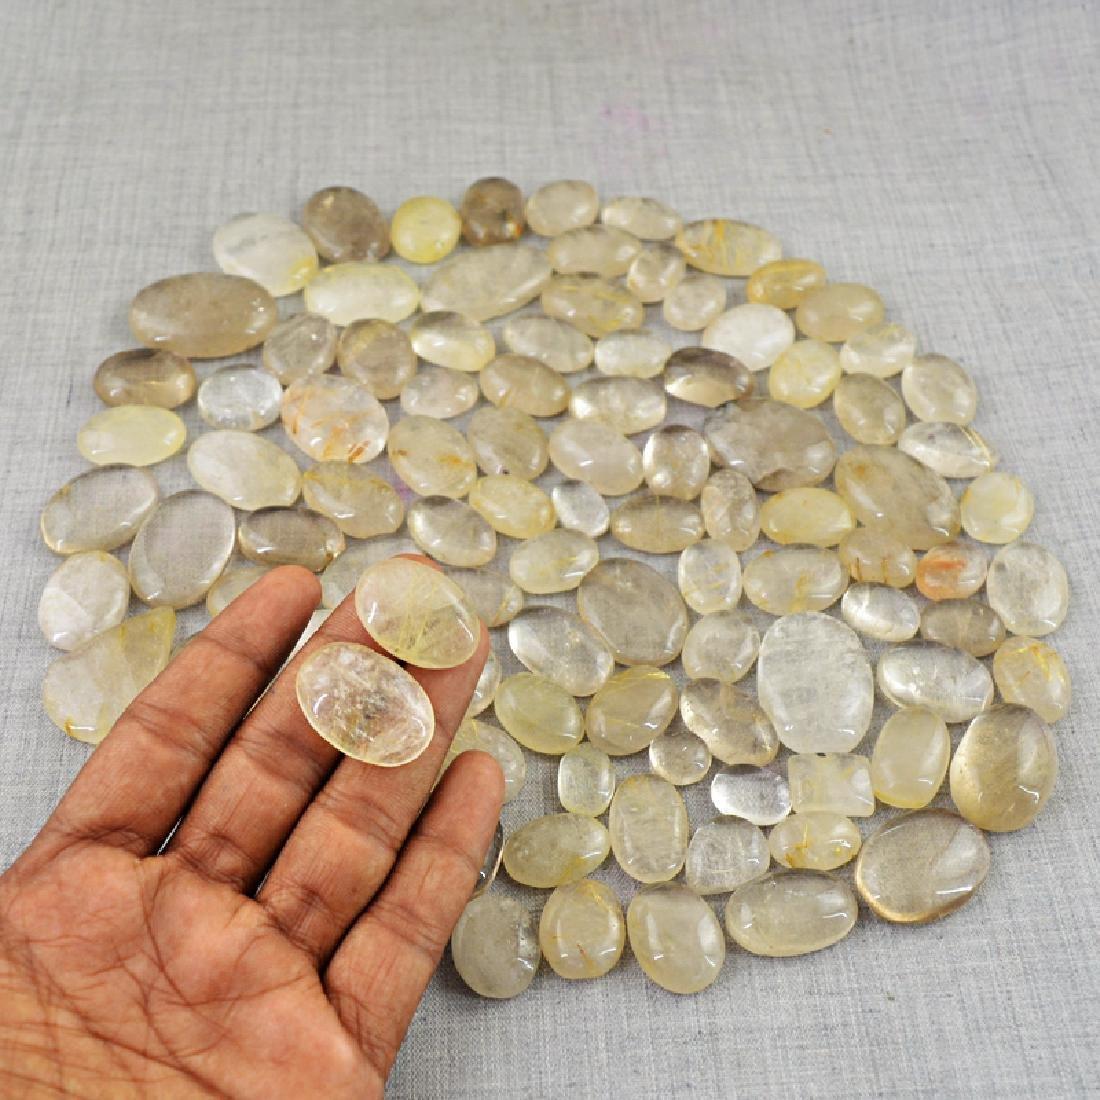 Golden Rutile Quartz Gemstones - 3